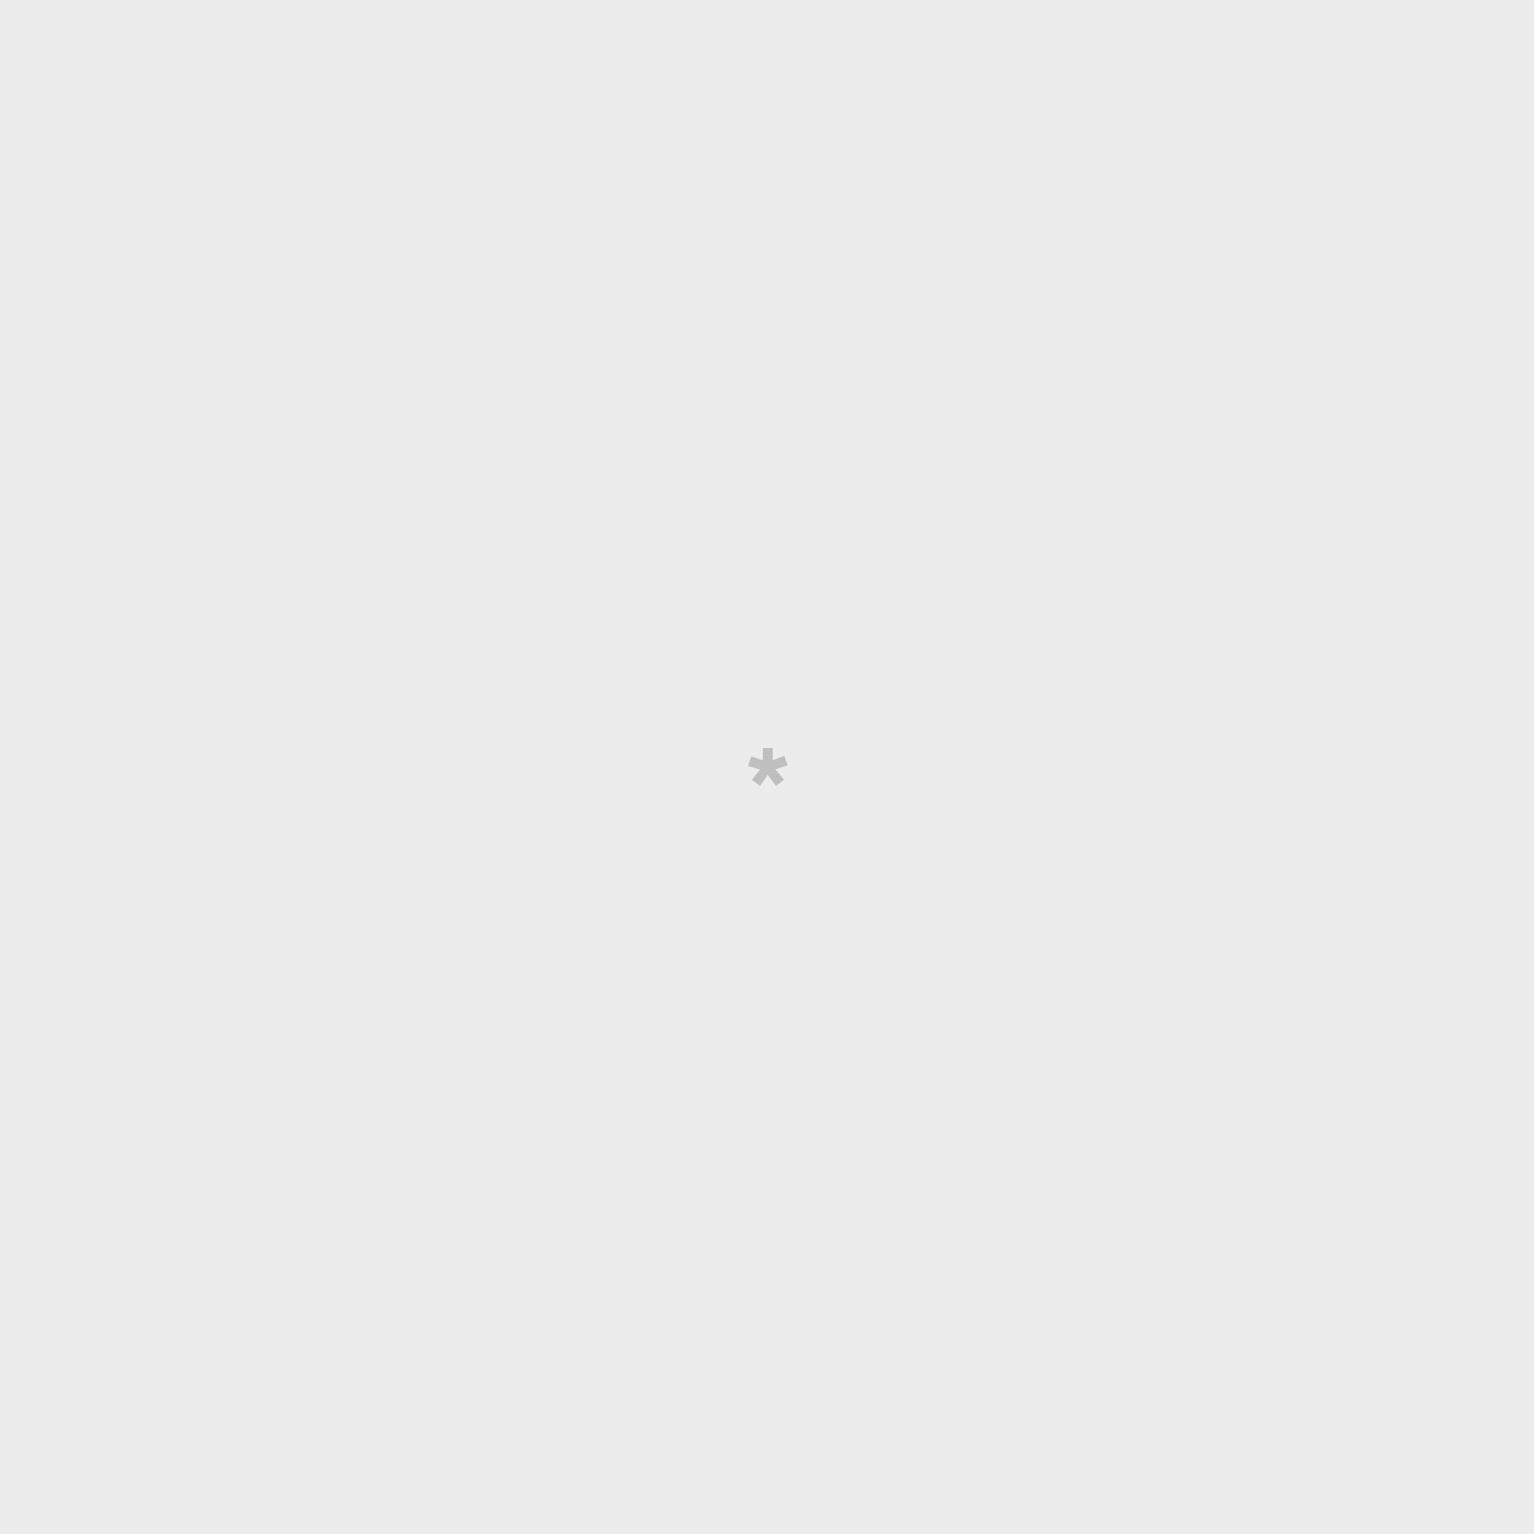 Quaderno di adesivi e note adesive